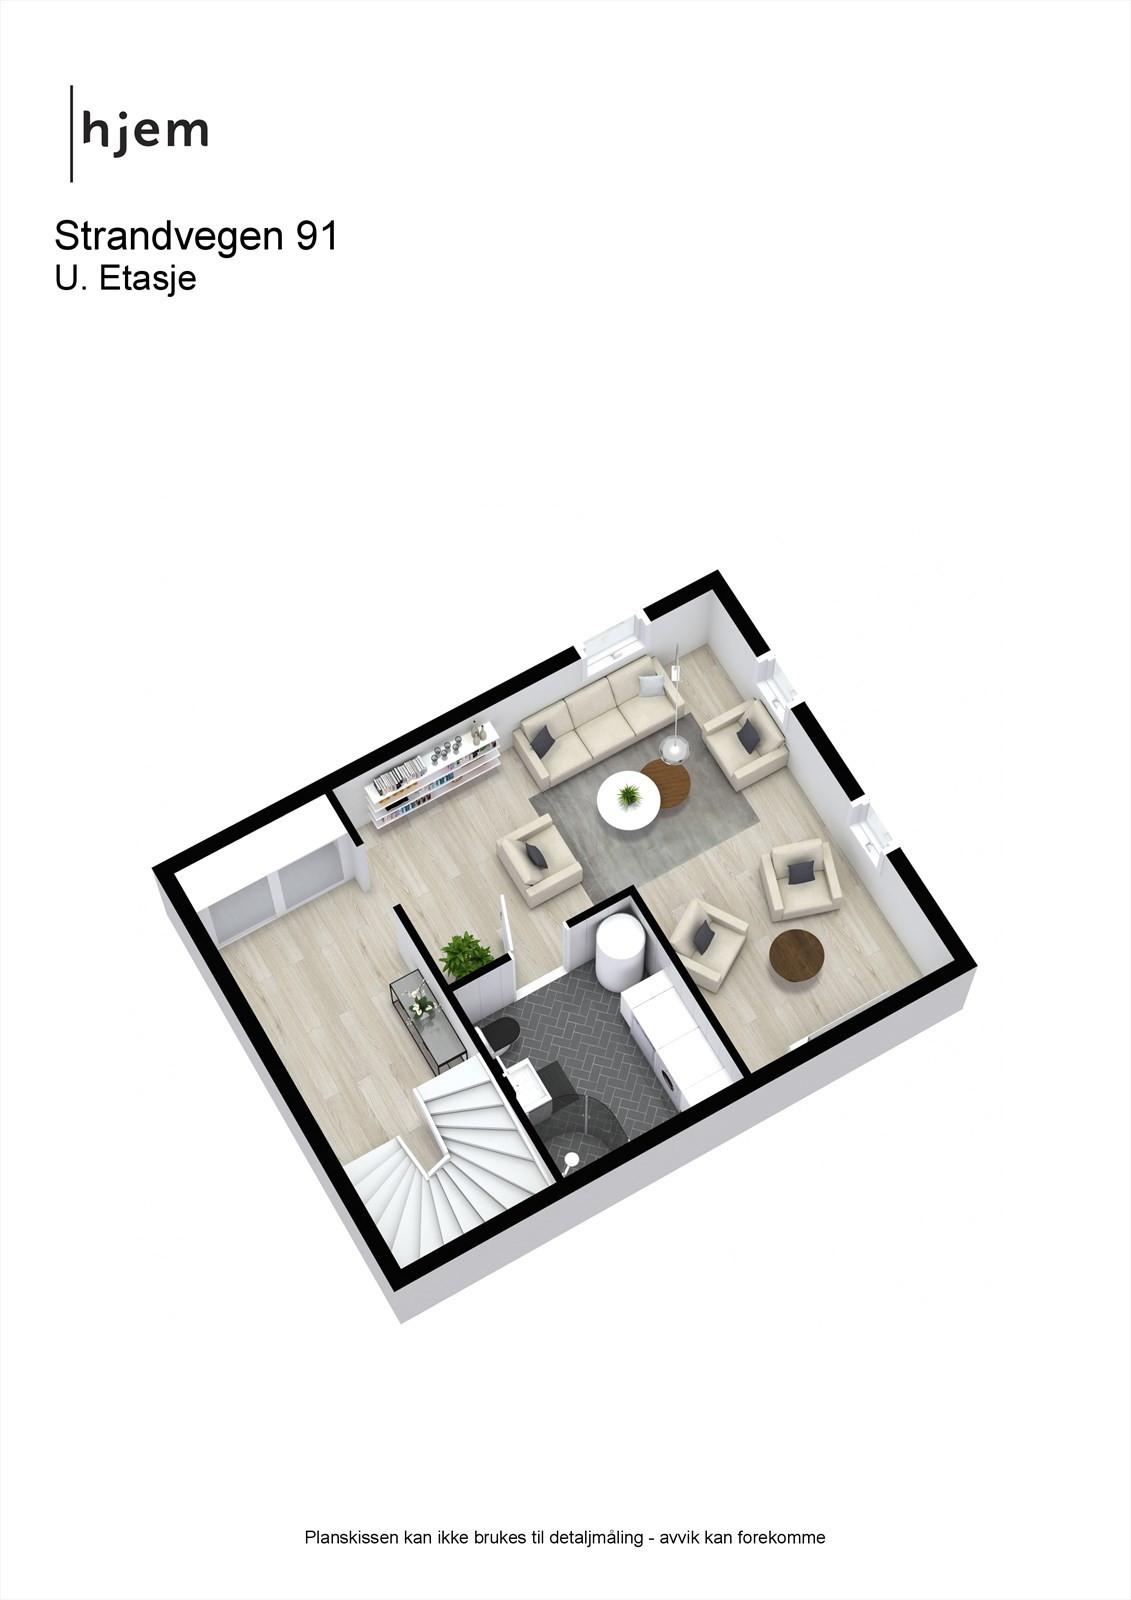 3D planillustrasjon av u. etasje.